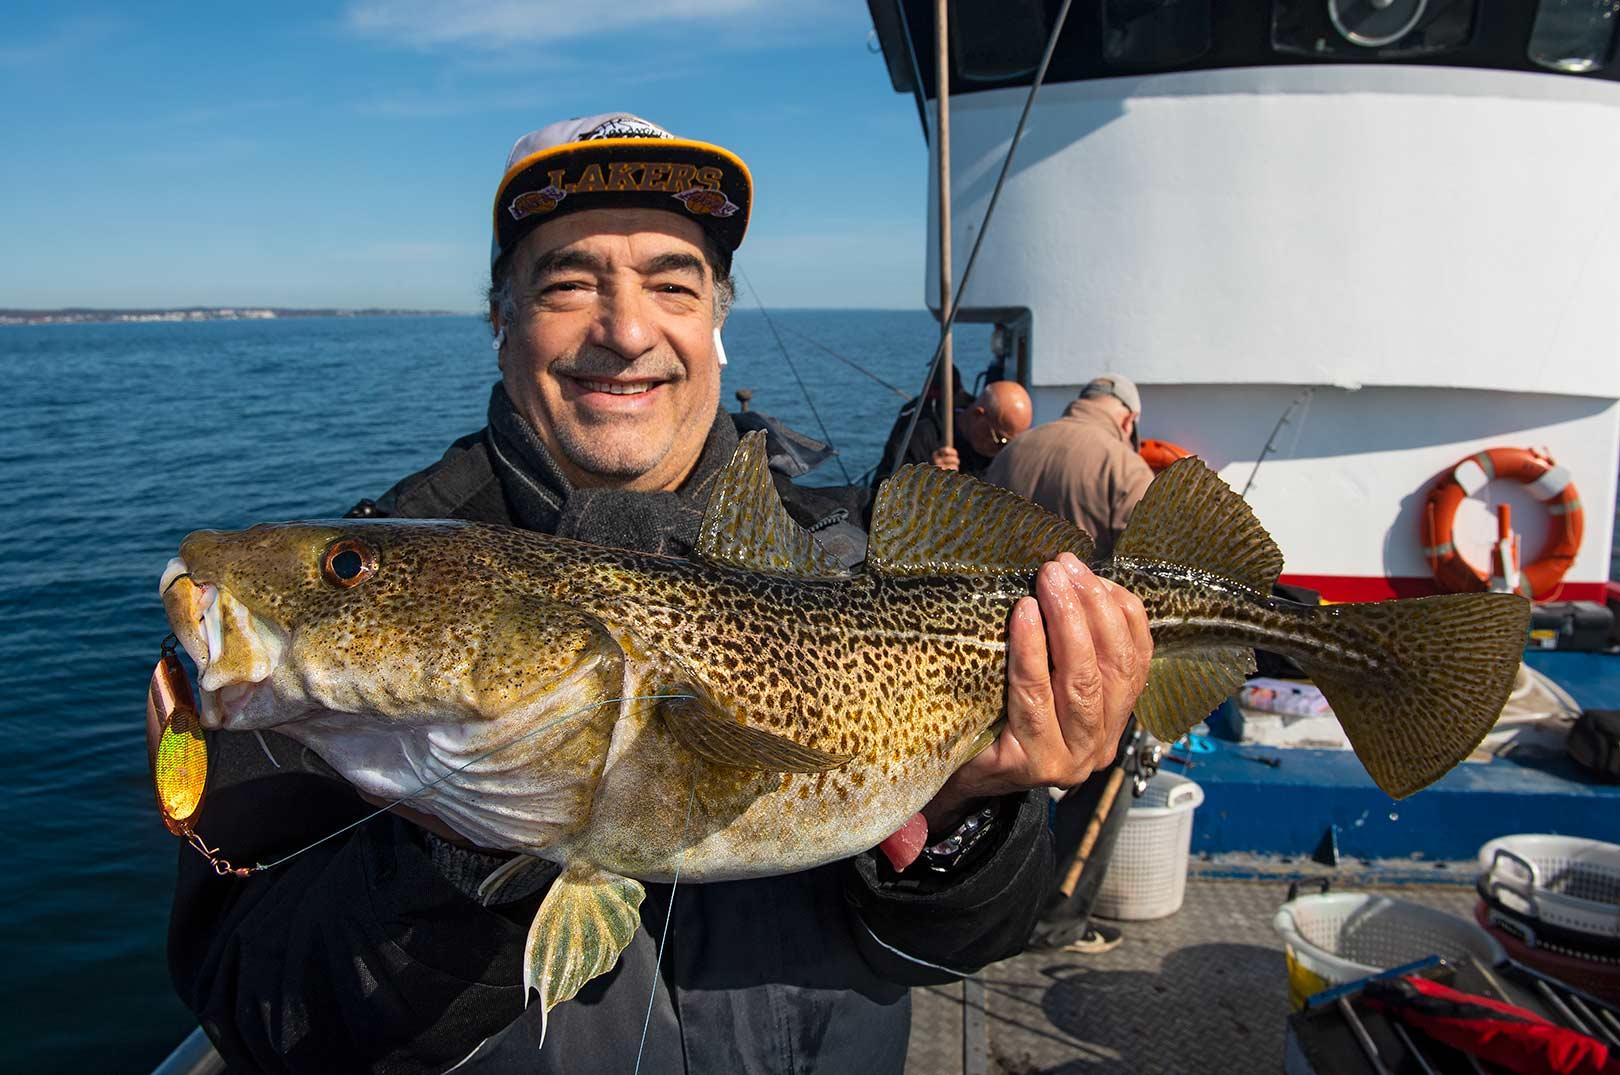 En af Øbys glde gæster med en torsk i den størrelse, som der er masser af.